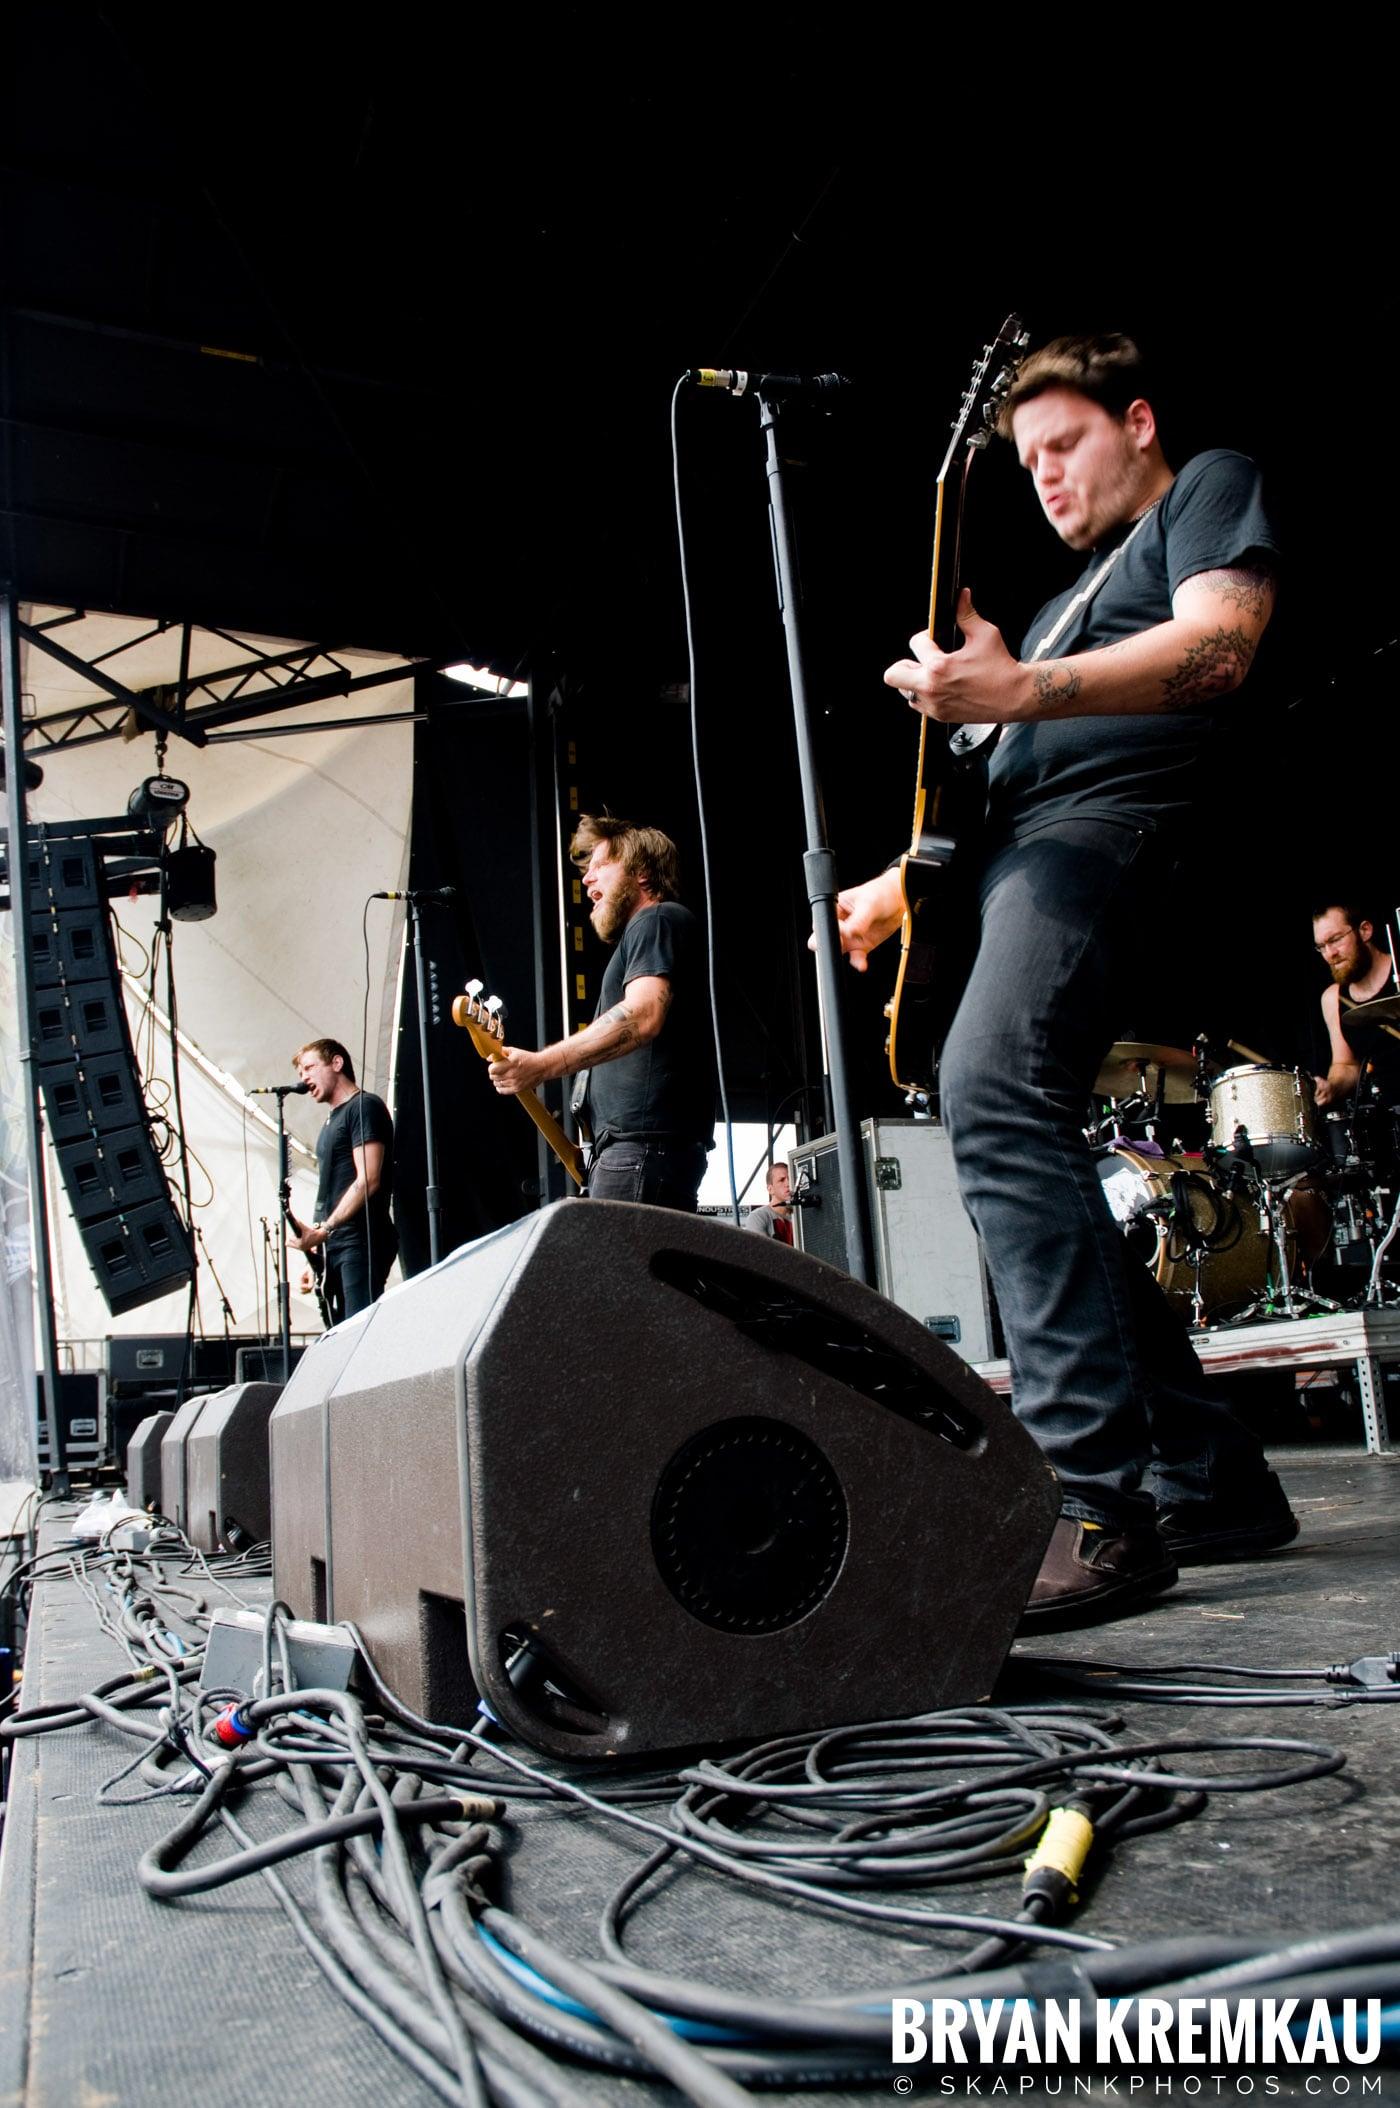 Against Me @ Warped Tour 08, Scranton PA - 7.27.08 (8)